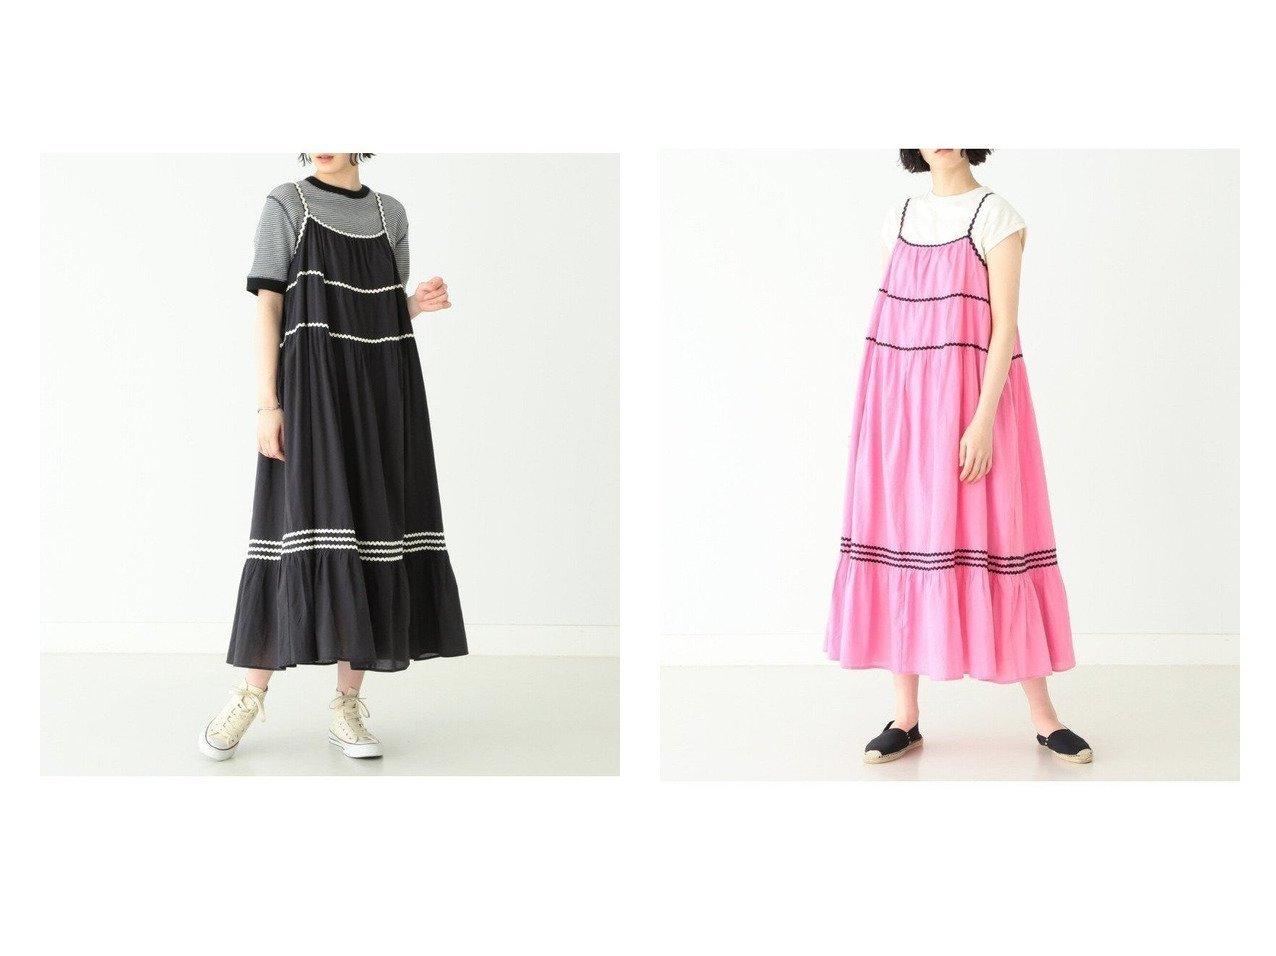 【BEAMS BOY/ビームス ボーイ】のtrepied × テープ キャミソール ドレス おすすめ!人気トレンド・レディースファッション通販 おすすめで人気の流行・トレンド、ファッションの通販商品 インテリア・家具・メンズファッション・キッズファッション・レディースファッション・服の通販 founy(ファニー) https://founy.com/ ファッション Fashion レディースファッション WOMEN ワンピース Dress ドレス Party Dresses キャミワンピース No Sleeve Dresses アクセサリー キャミソール キャミワンピース シンプル スマート ドレス ベーシック ラップ |ID:crp329100000046050